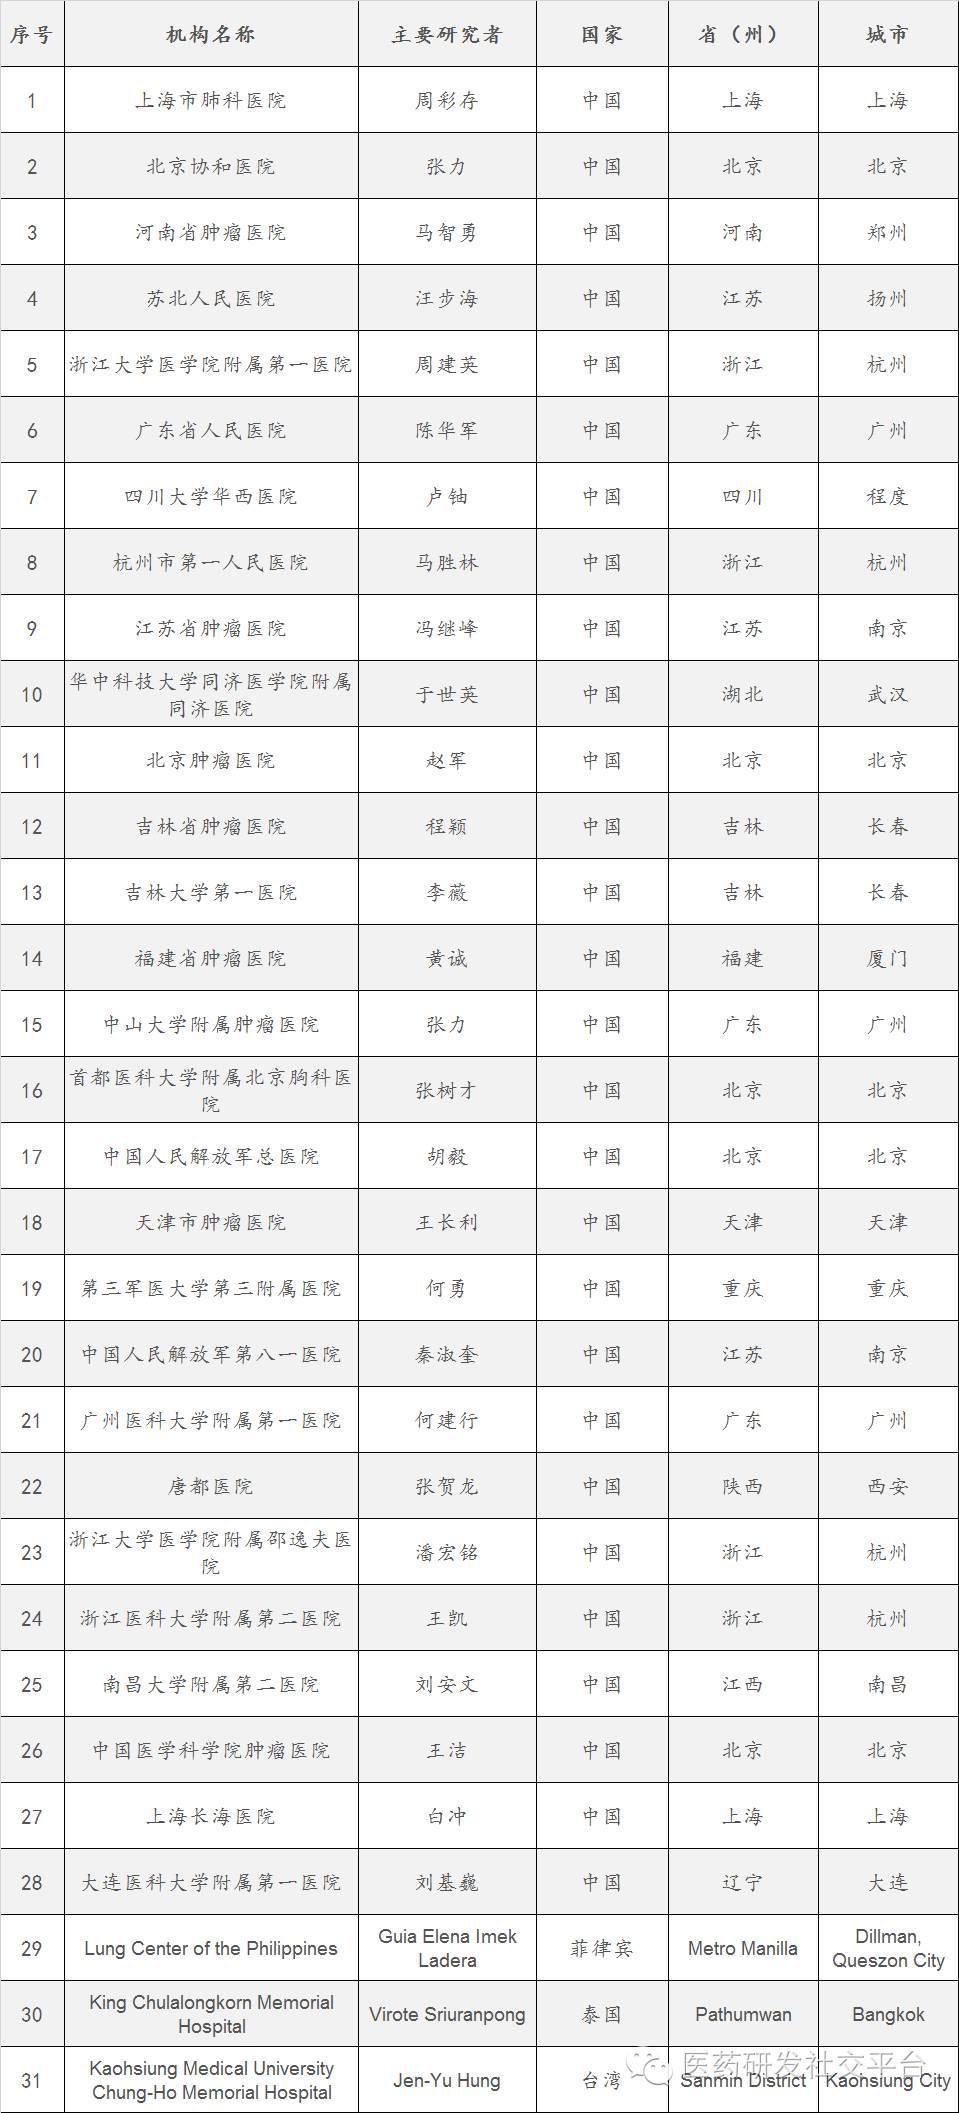 三大PD-1/PD-L1药物在中国临床试验的PI和参加机构名单(Keytruda)